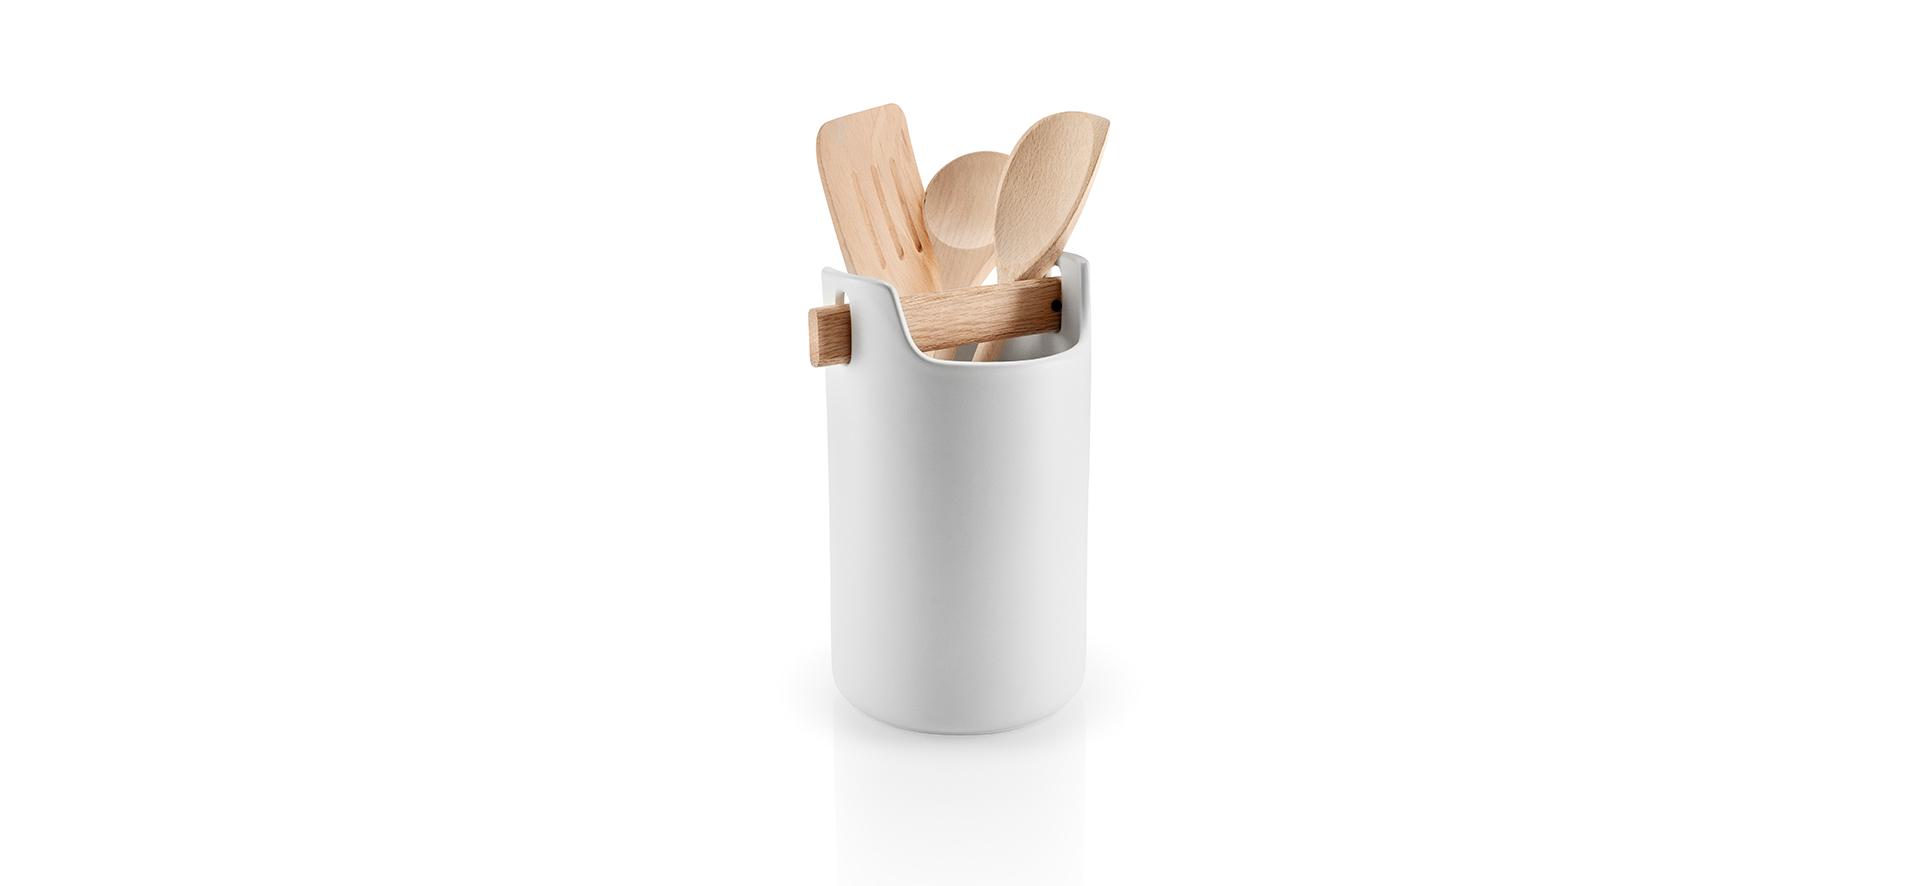 Full Size of Aufbewahrungsbehälter Für Küche Aufbewahrungsbehälter Küche Ikea Aufbewahrungsbehälter Küche Keramik Aufbewahrungsbehälter Küche Glas Küche Aufbewahrungsbehälter Küche